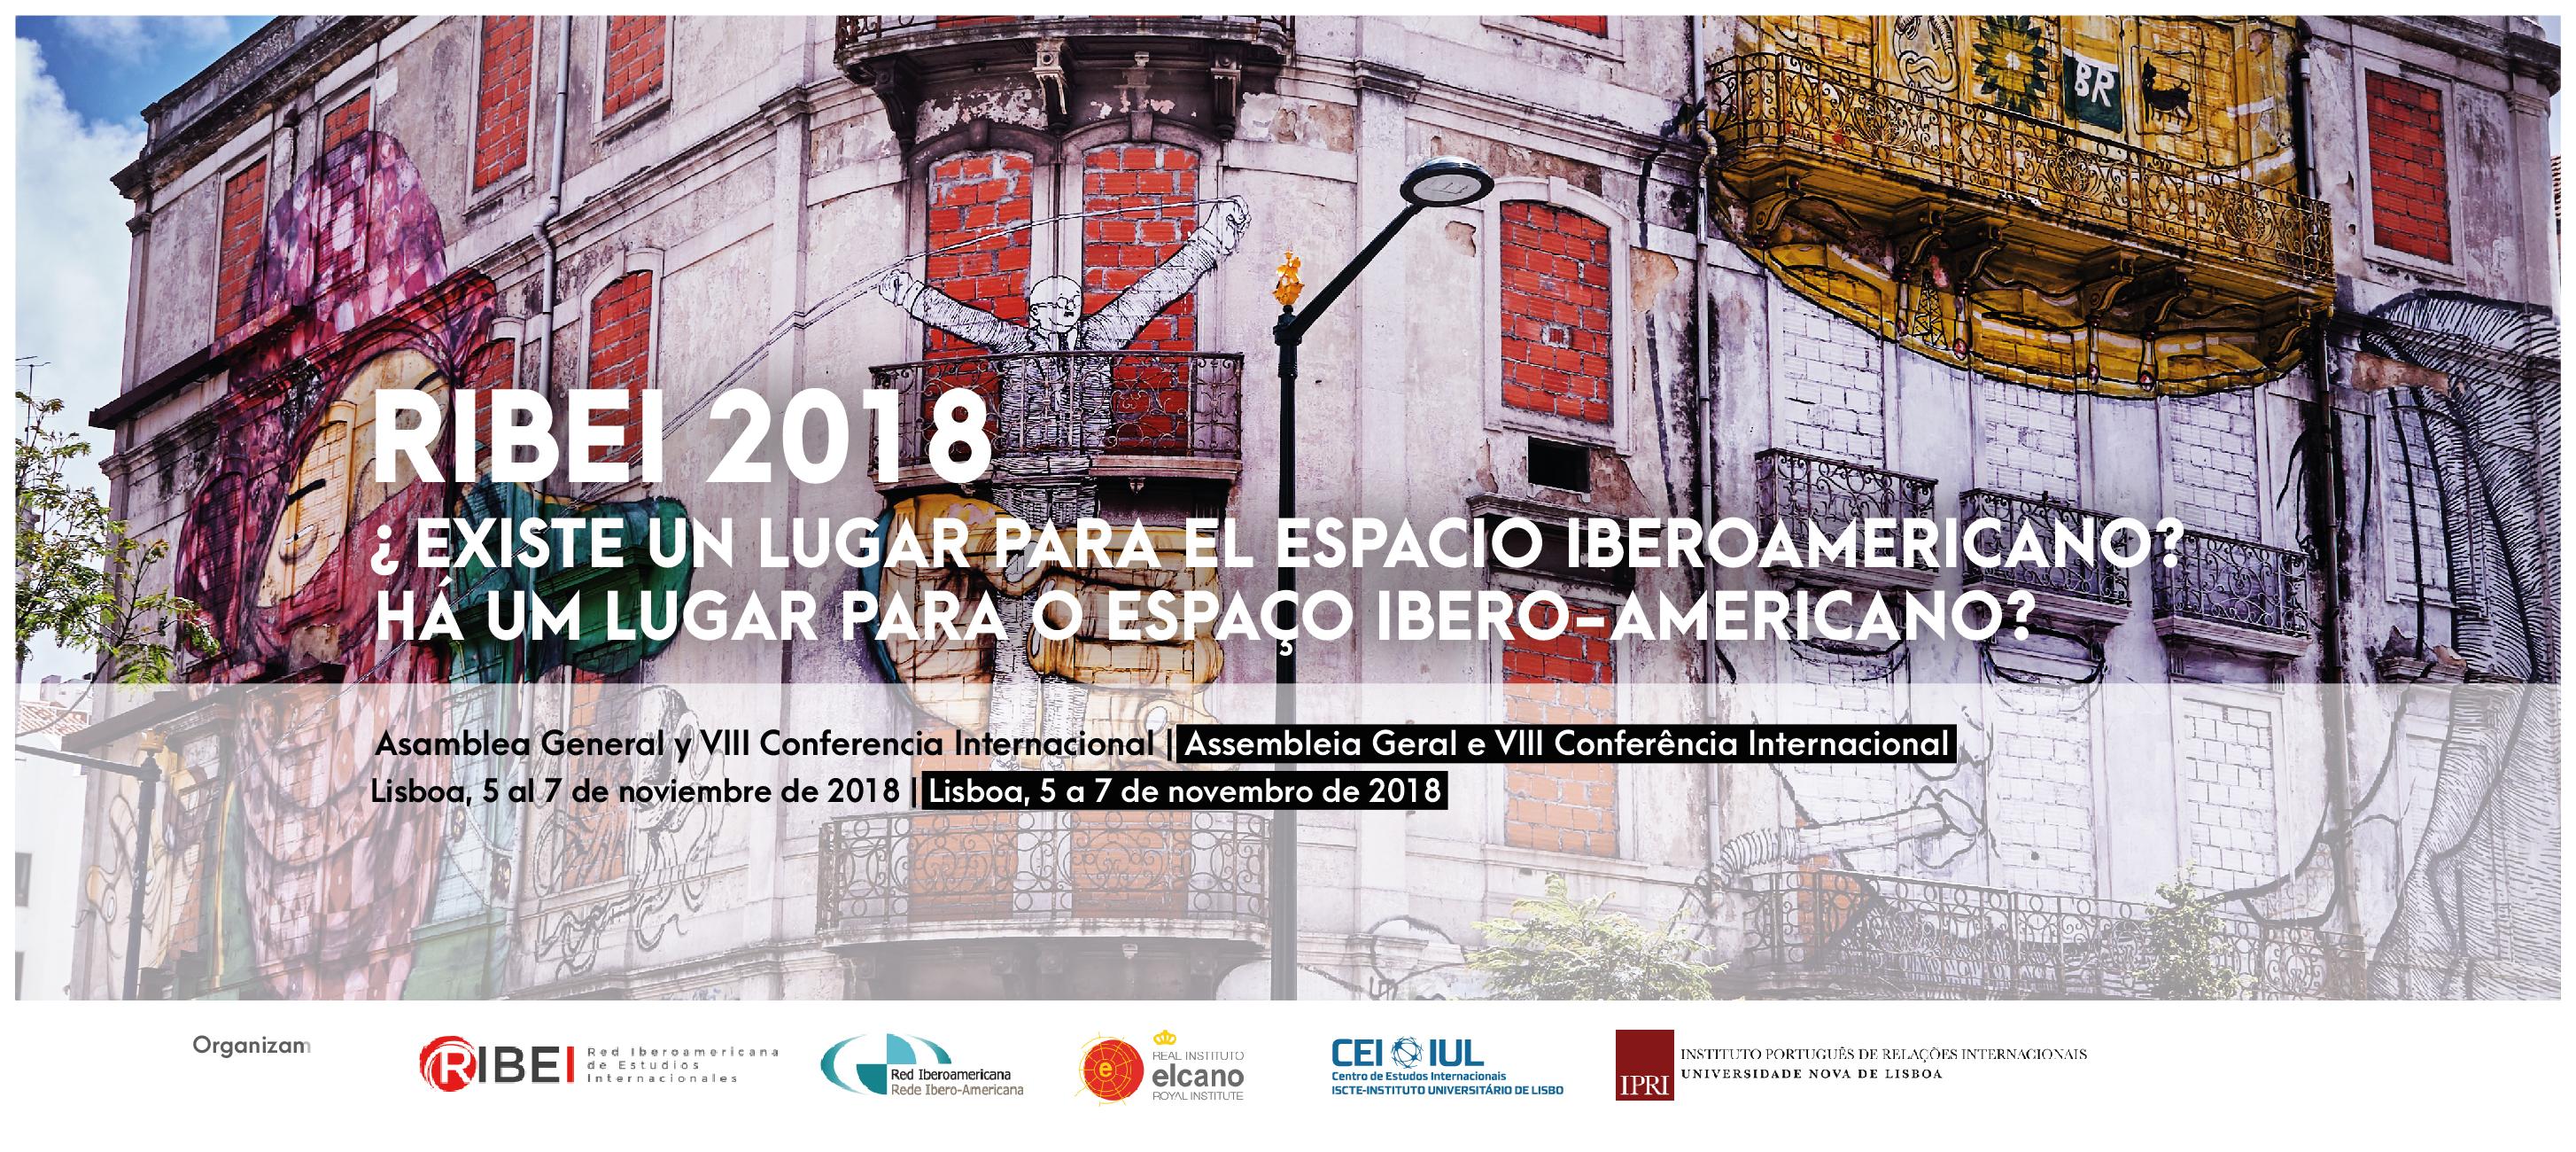 VIII Conferência RIBEI decorre em novembro no ISCTE-IUL